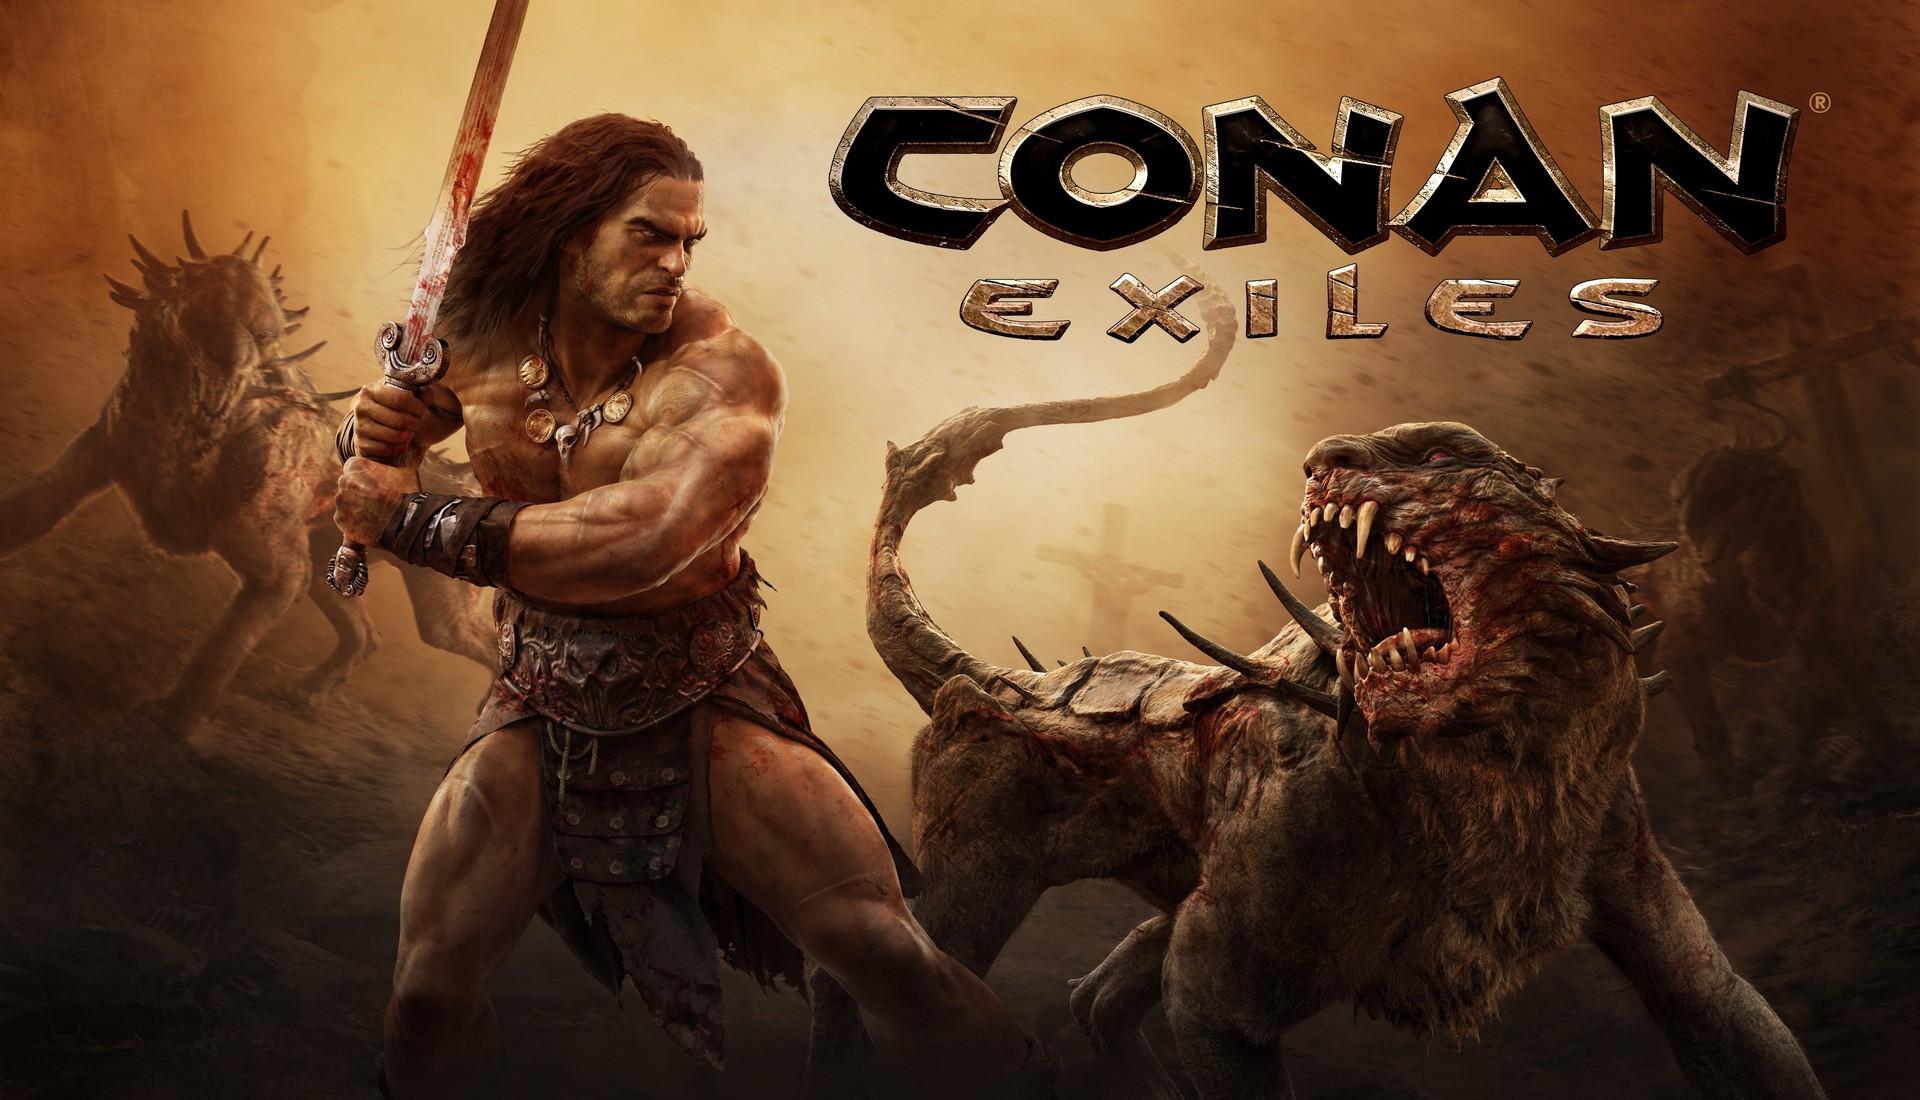 Conan Exiles Artwork PSTHC